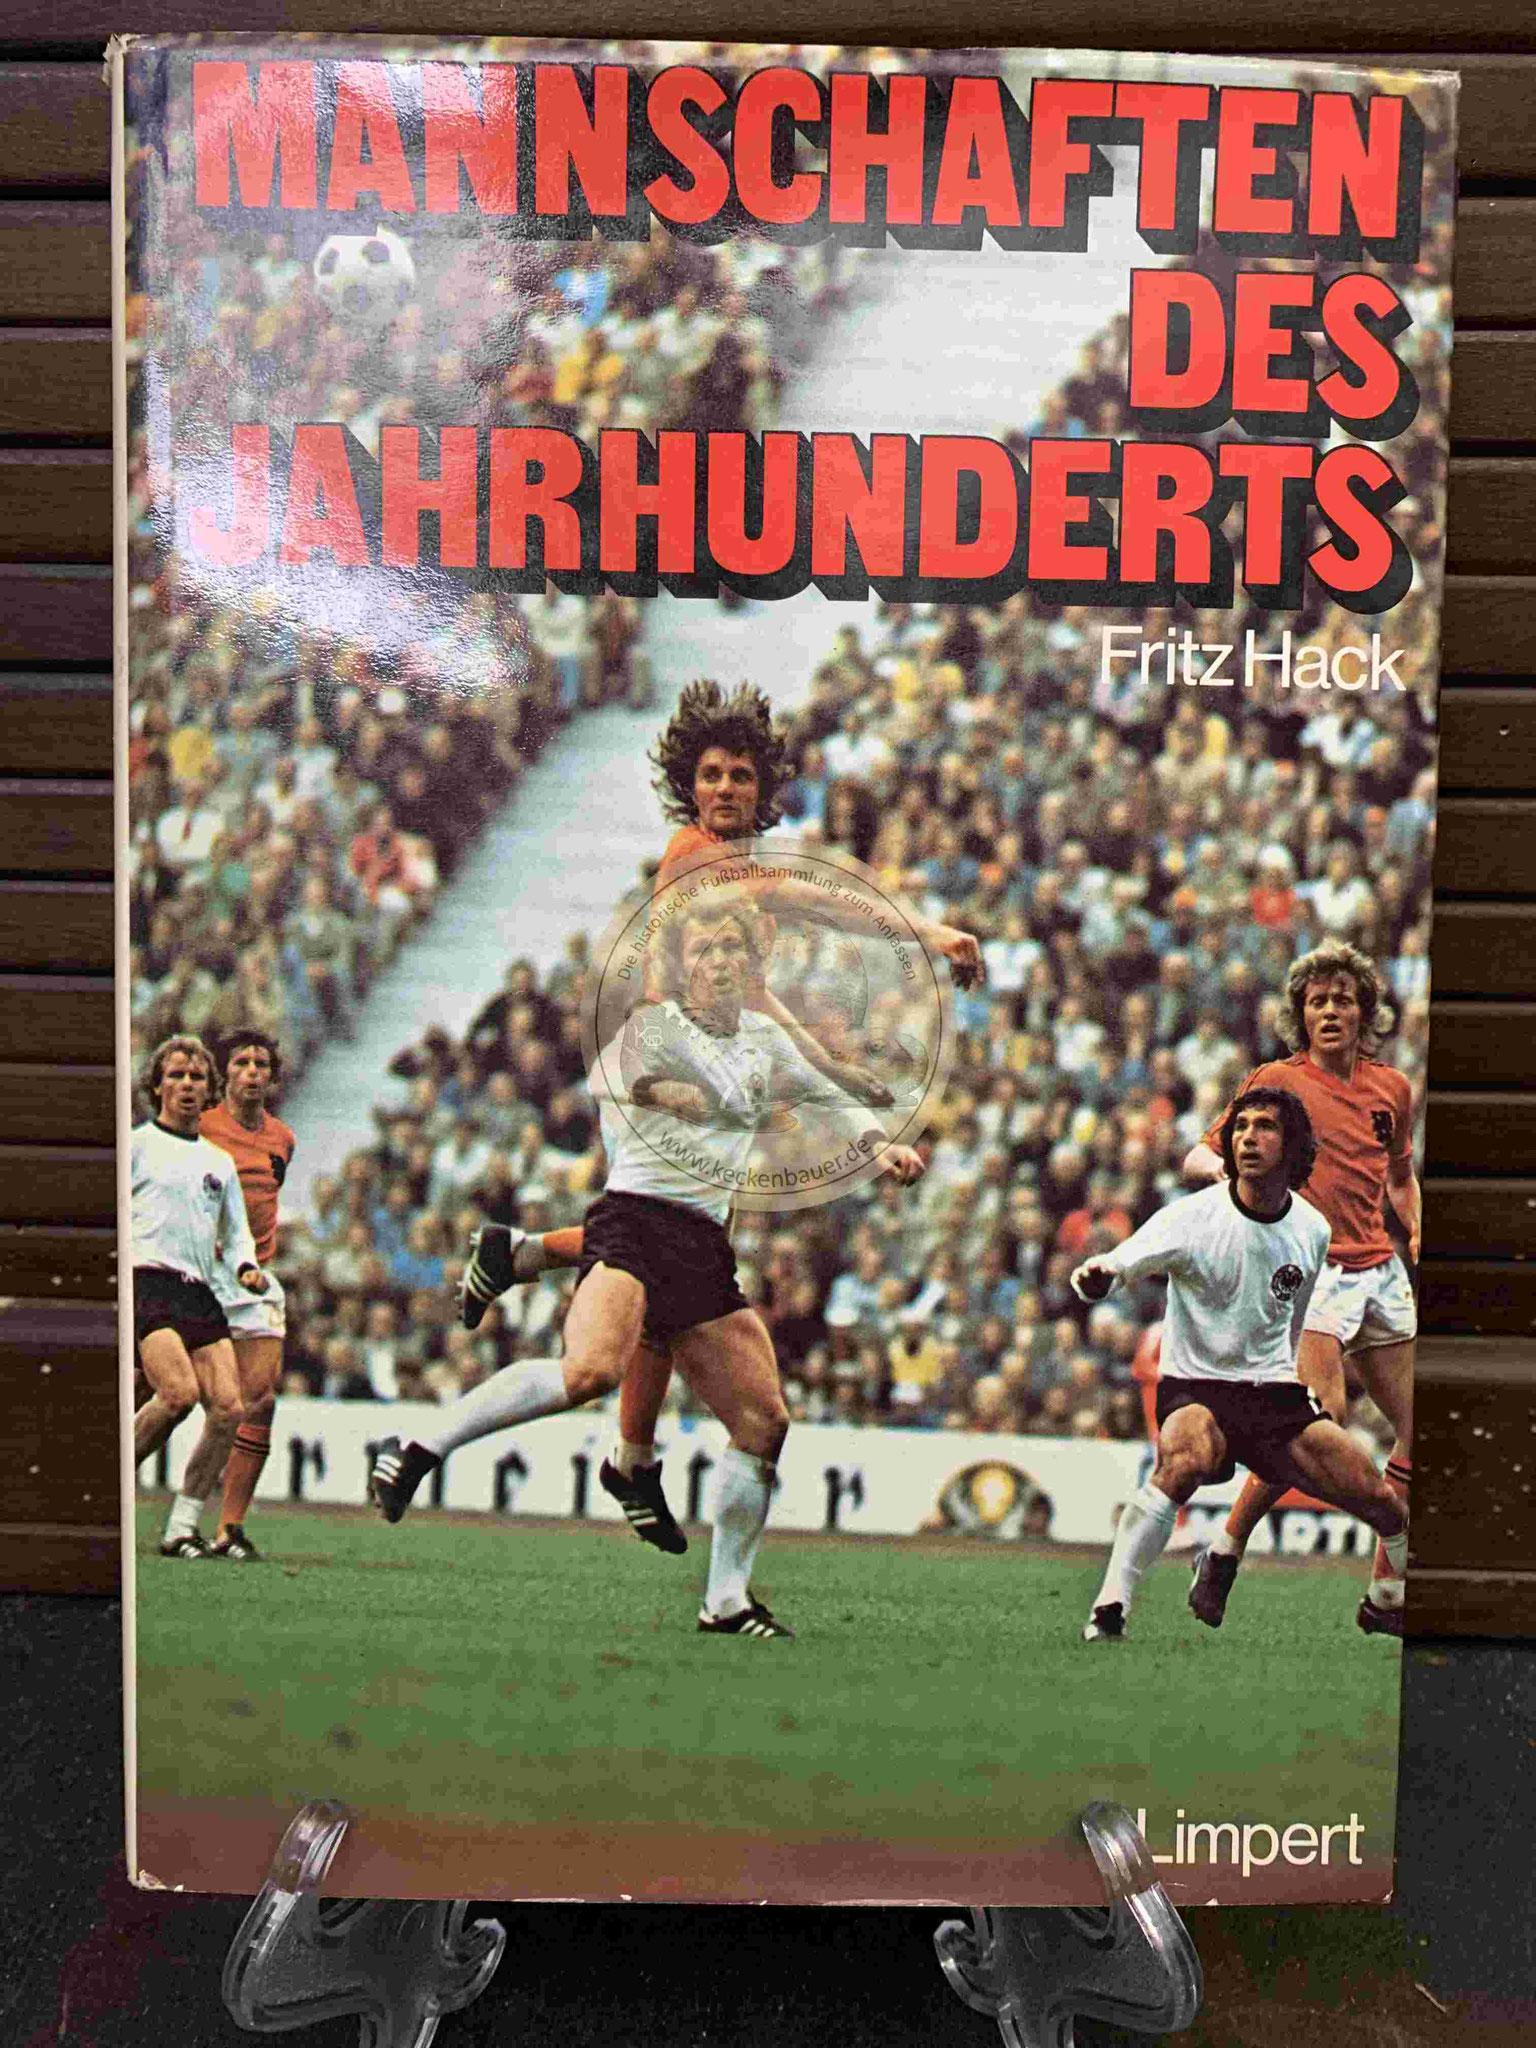 Fritz Hack Mannschaft des Jahrhundert aus dem Jahr 1976